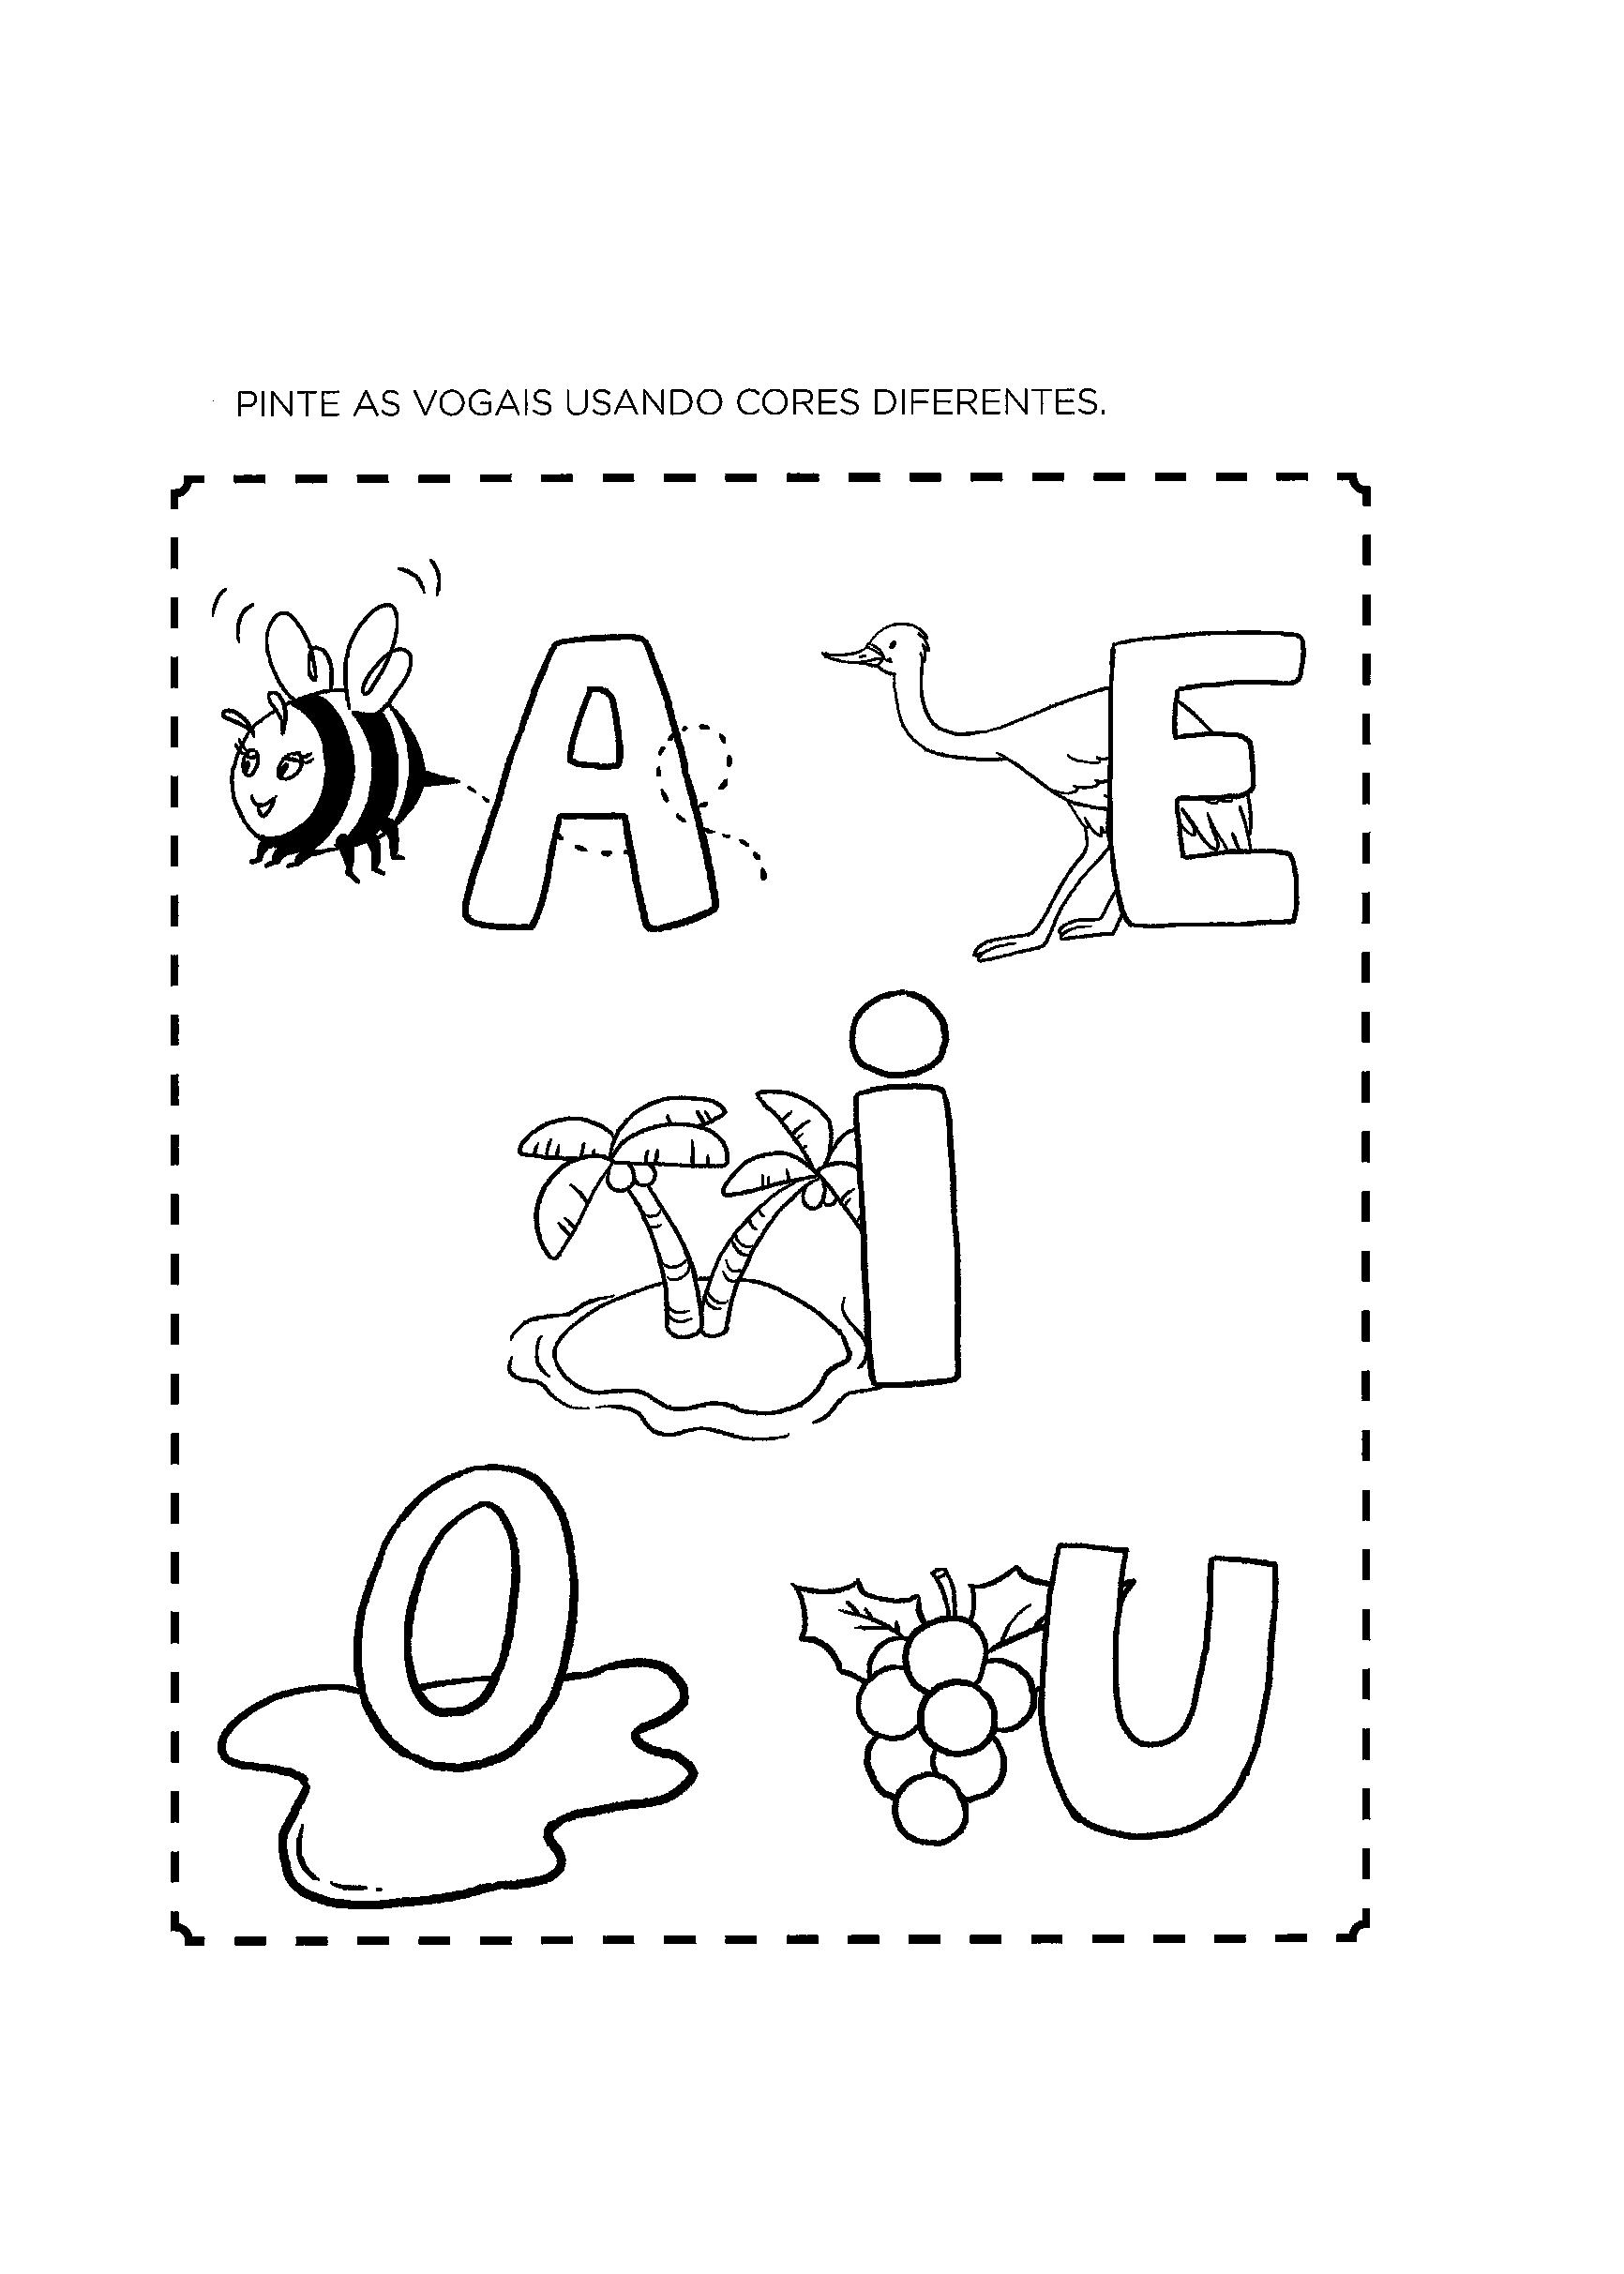 alfabetizacao_vogais_pintar_cores